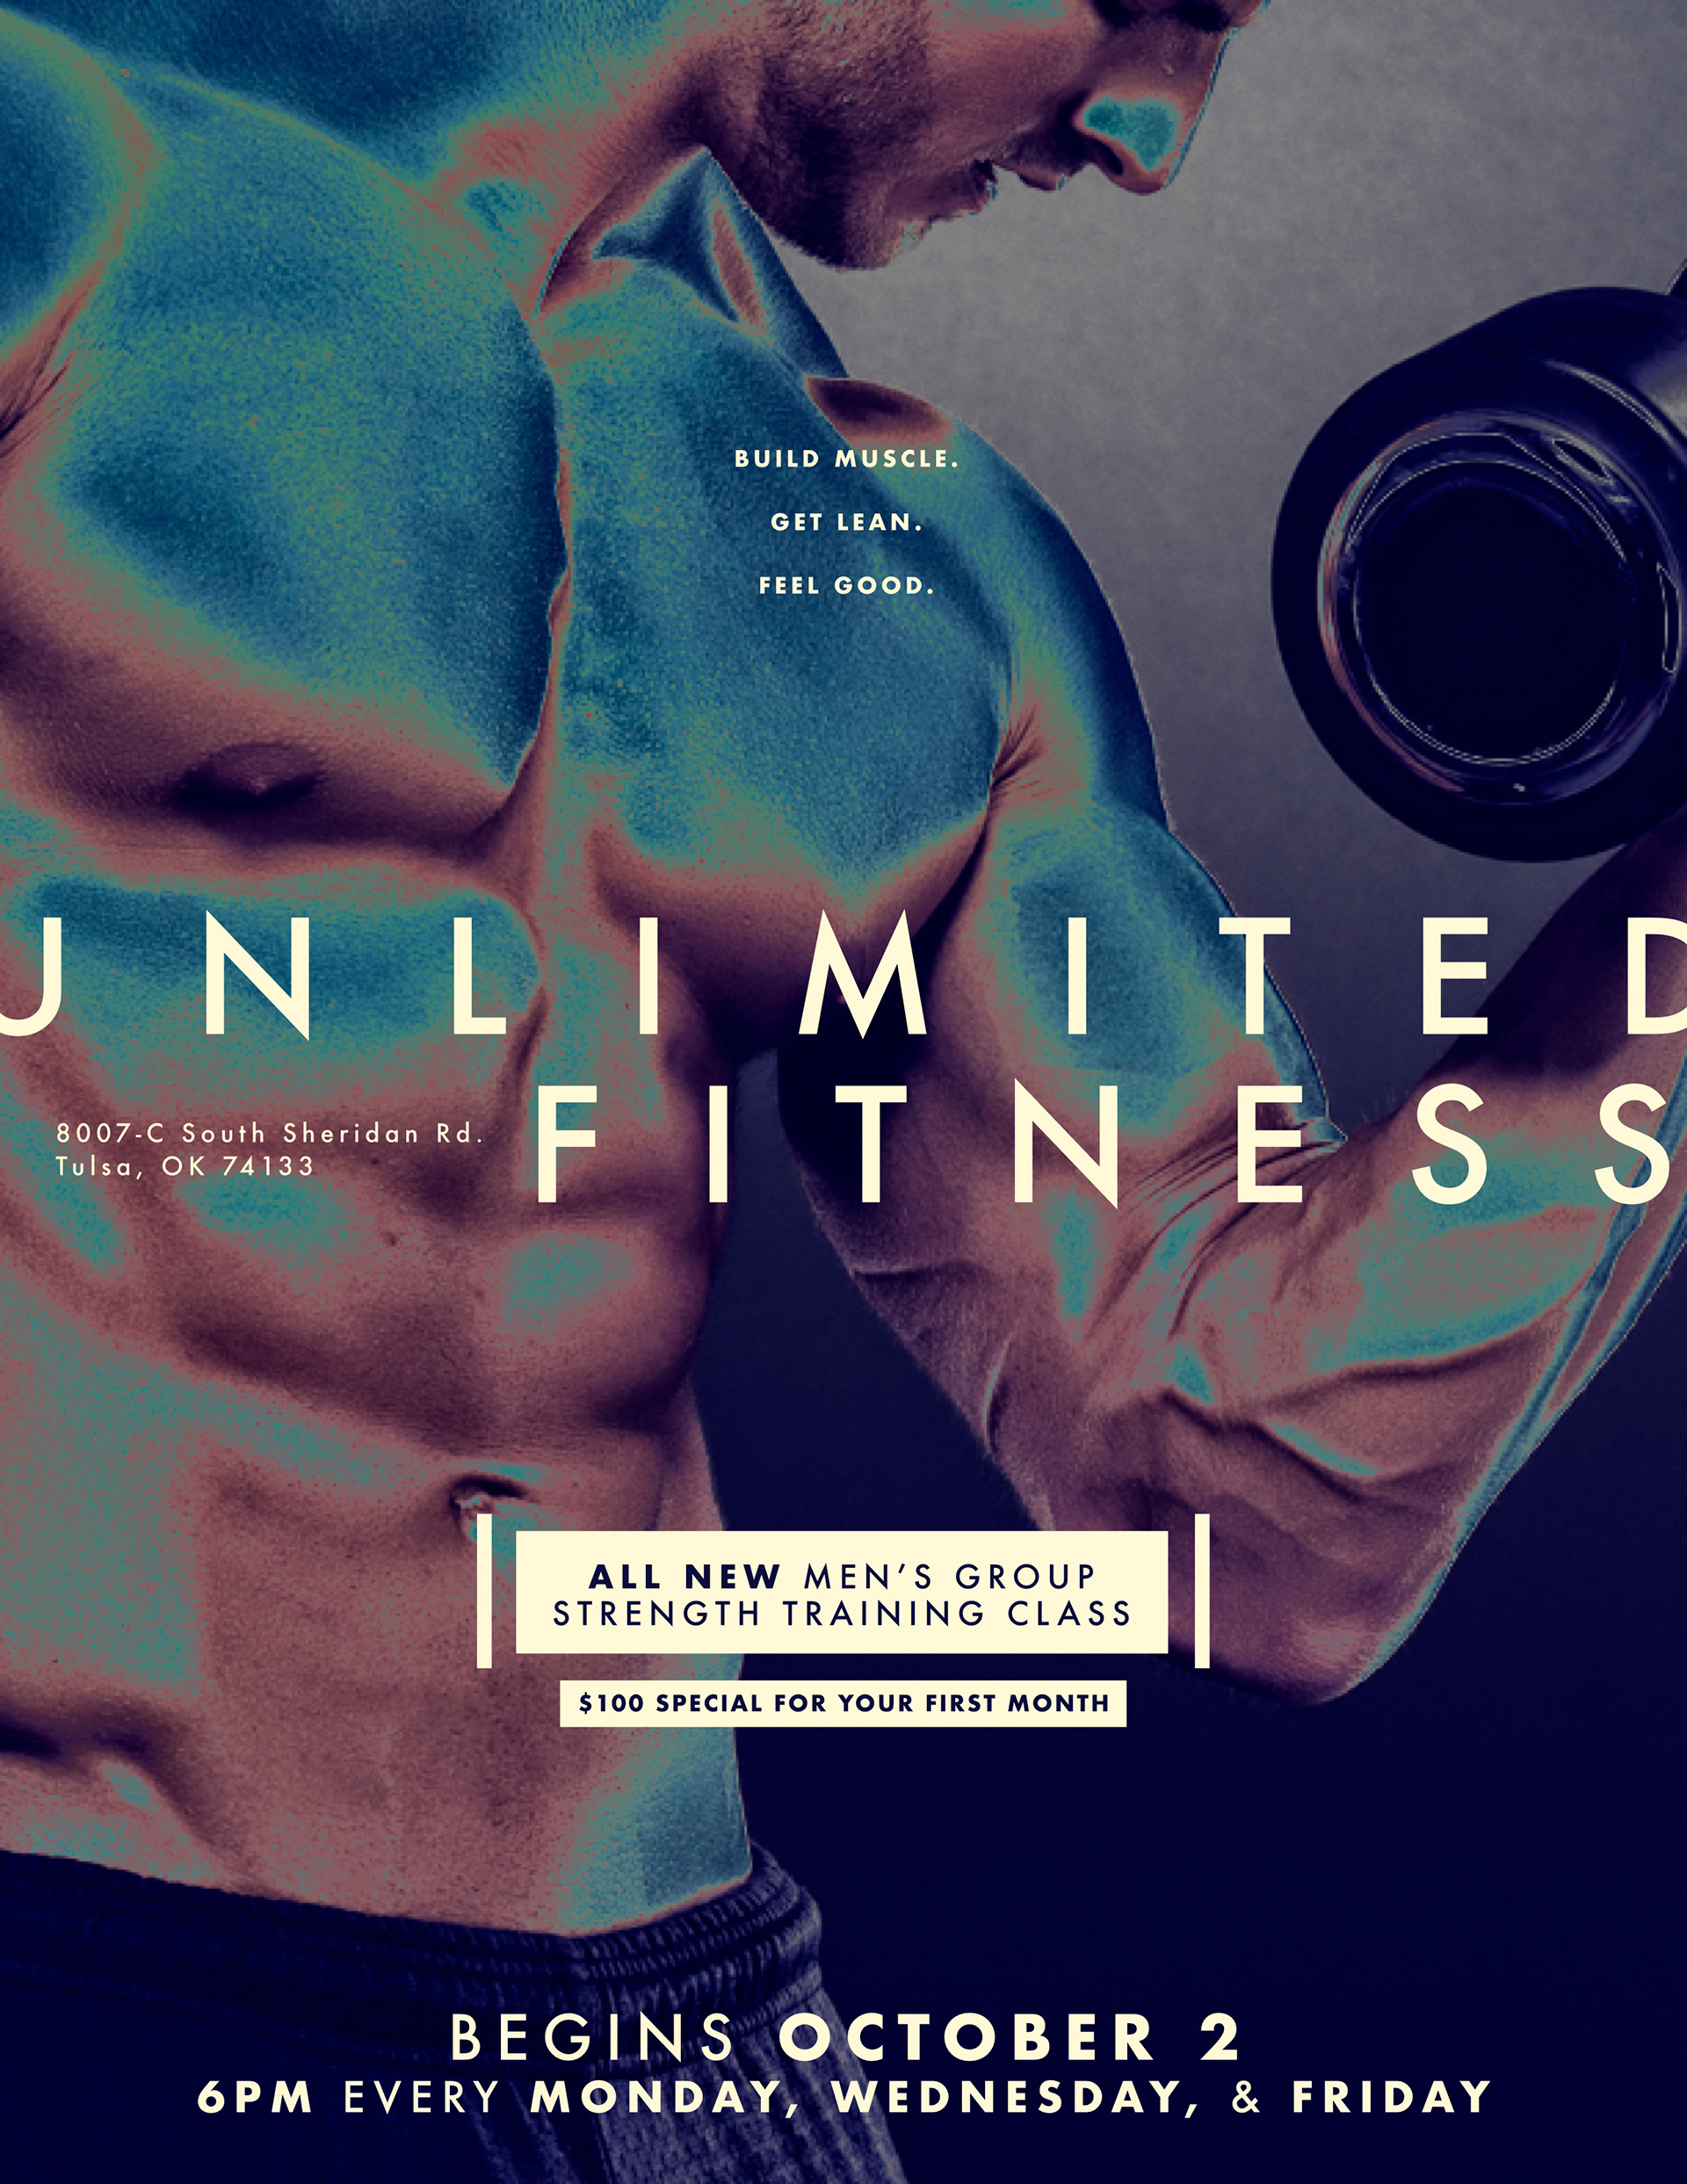 Chase Shewbridge - \'Unlimited Fitness\' flyer